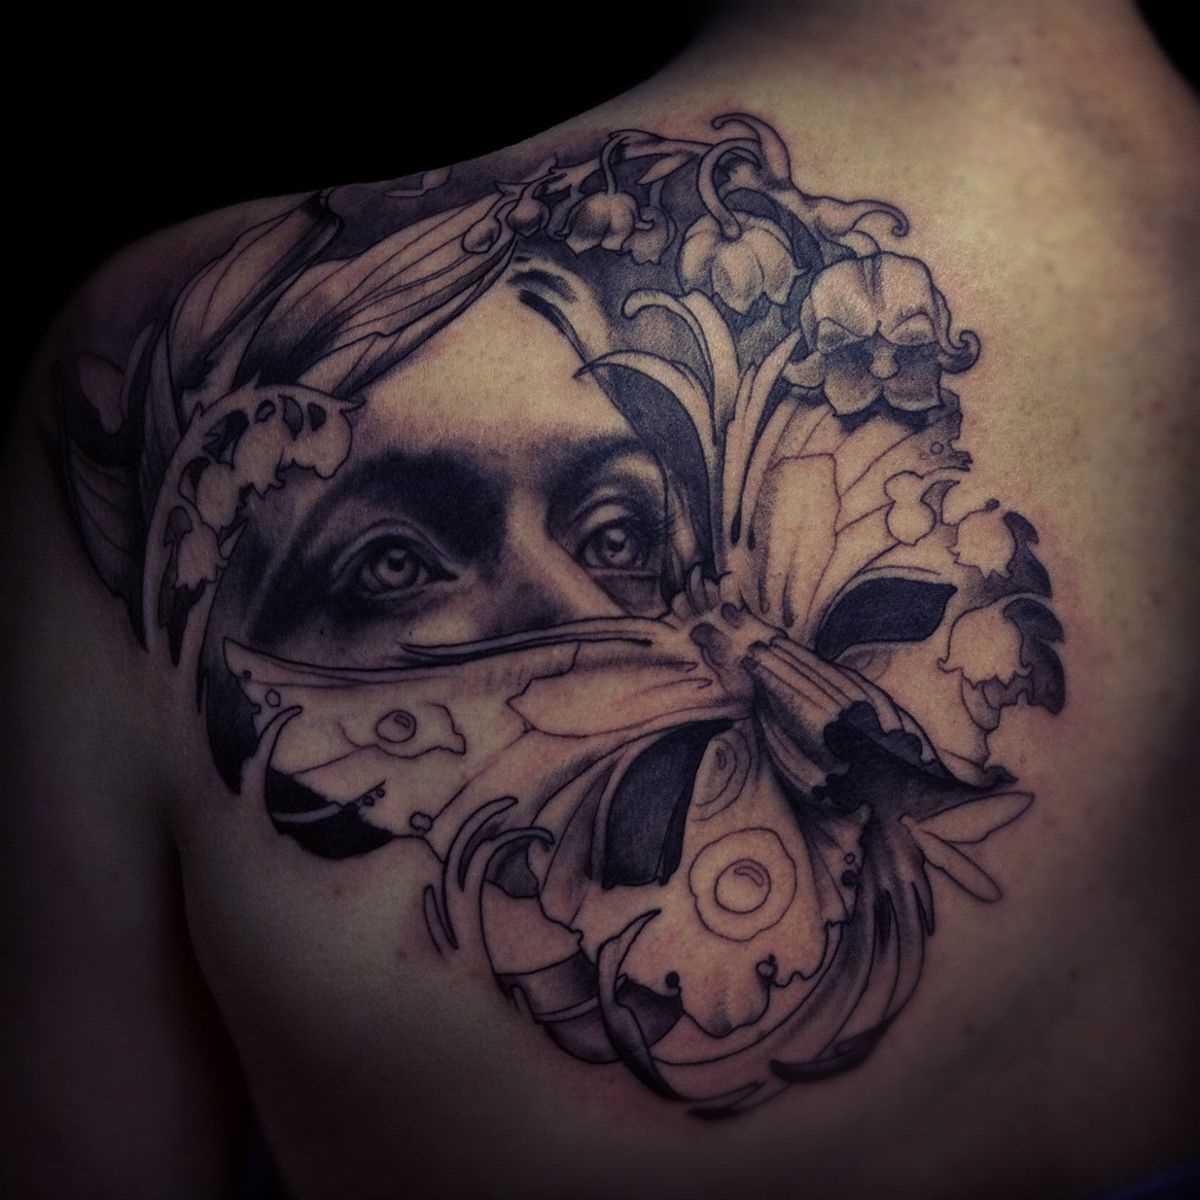 A tatuagem de blade o cara - a menina para dentro da máscara